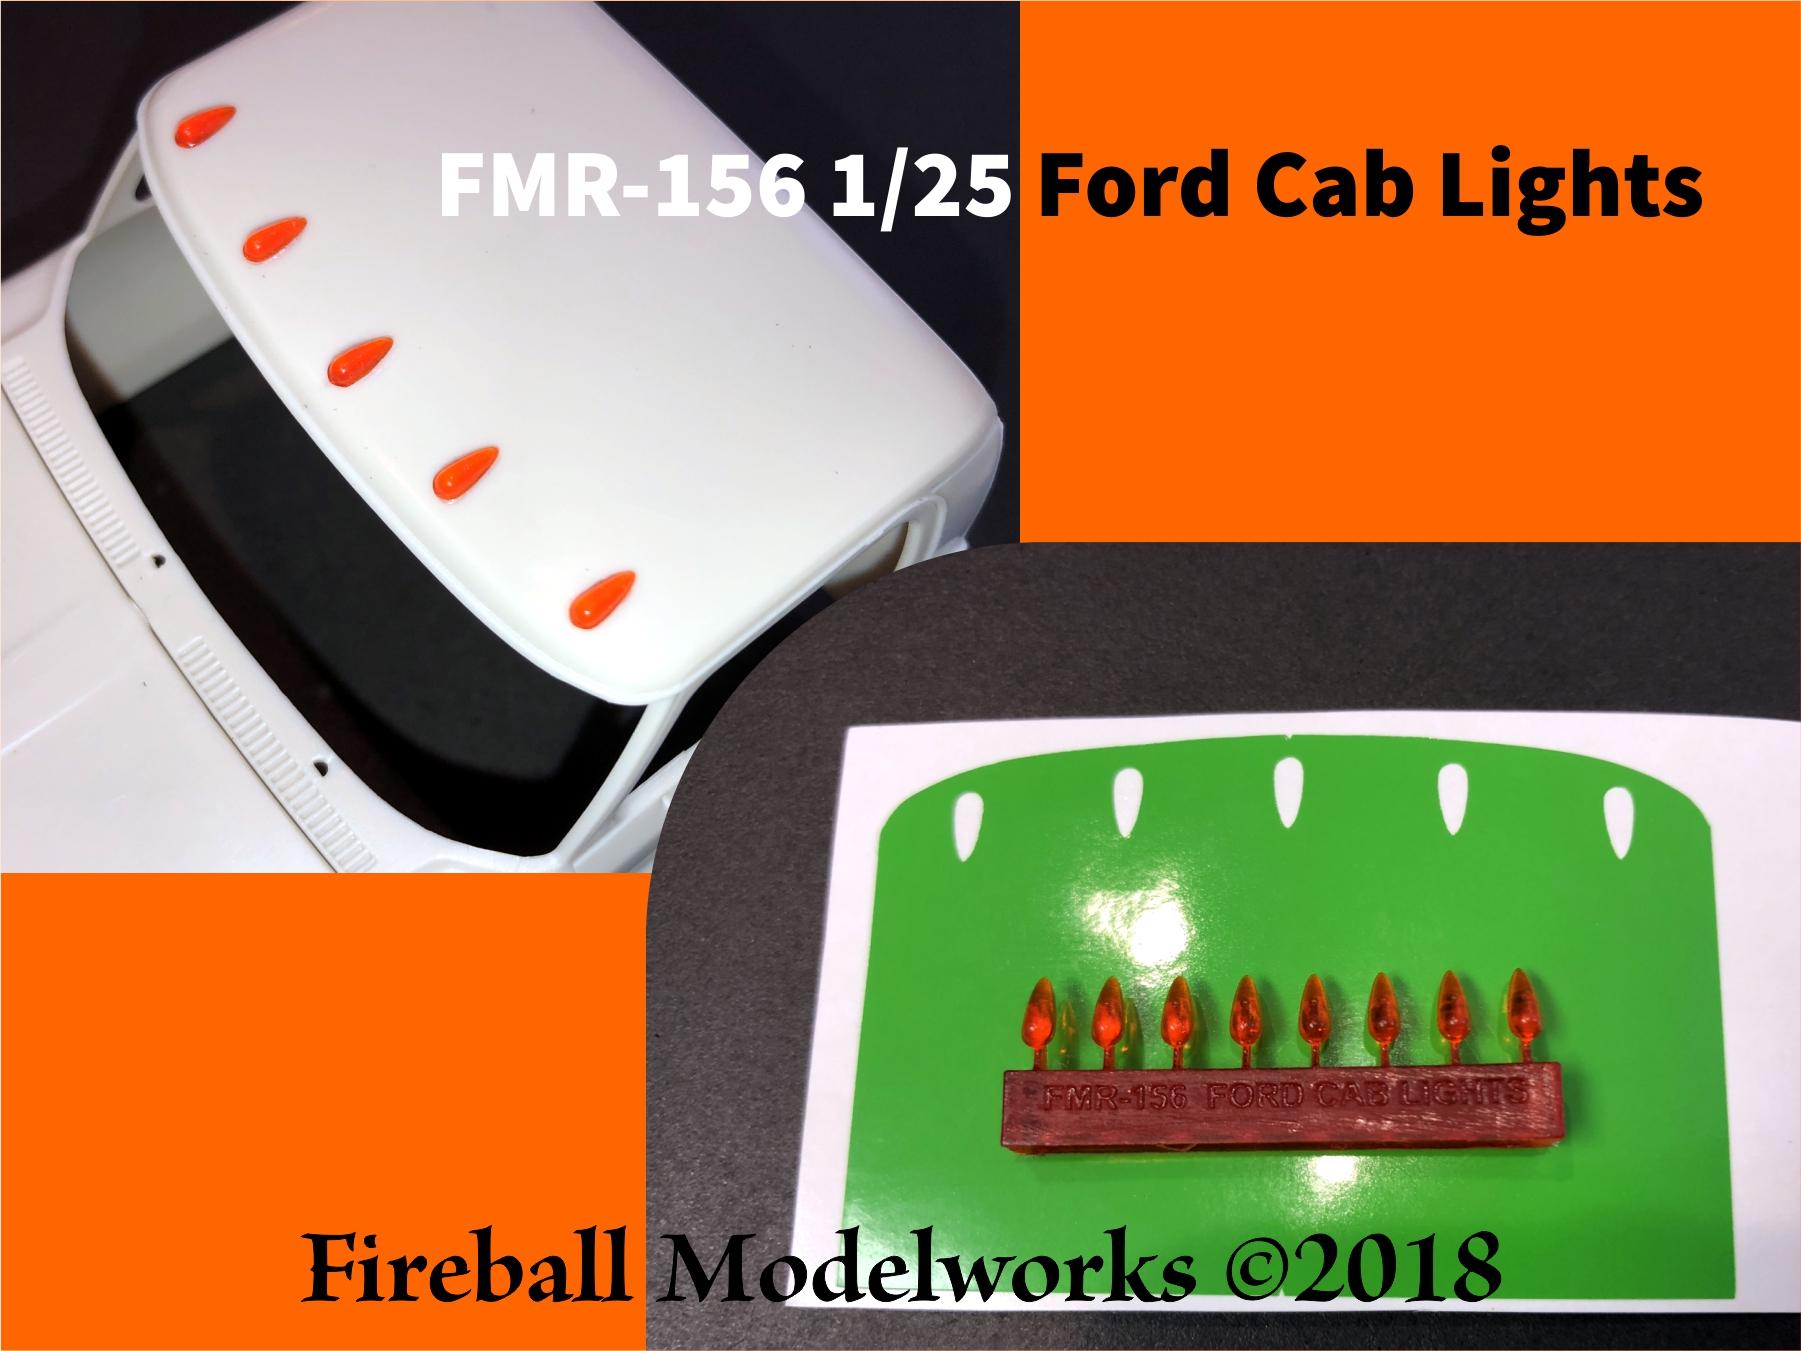 fireball modelworks